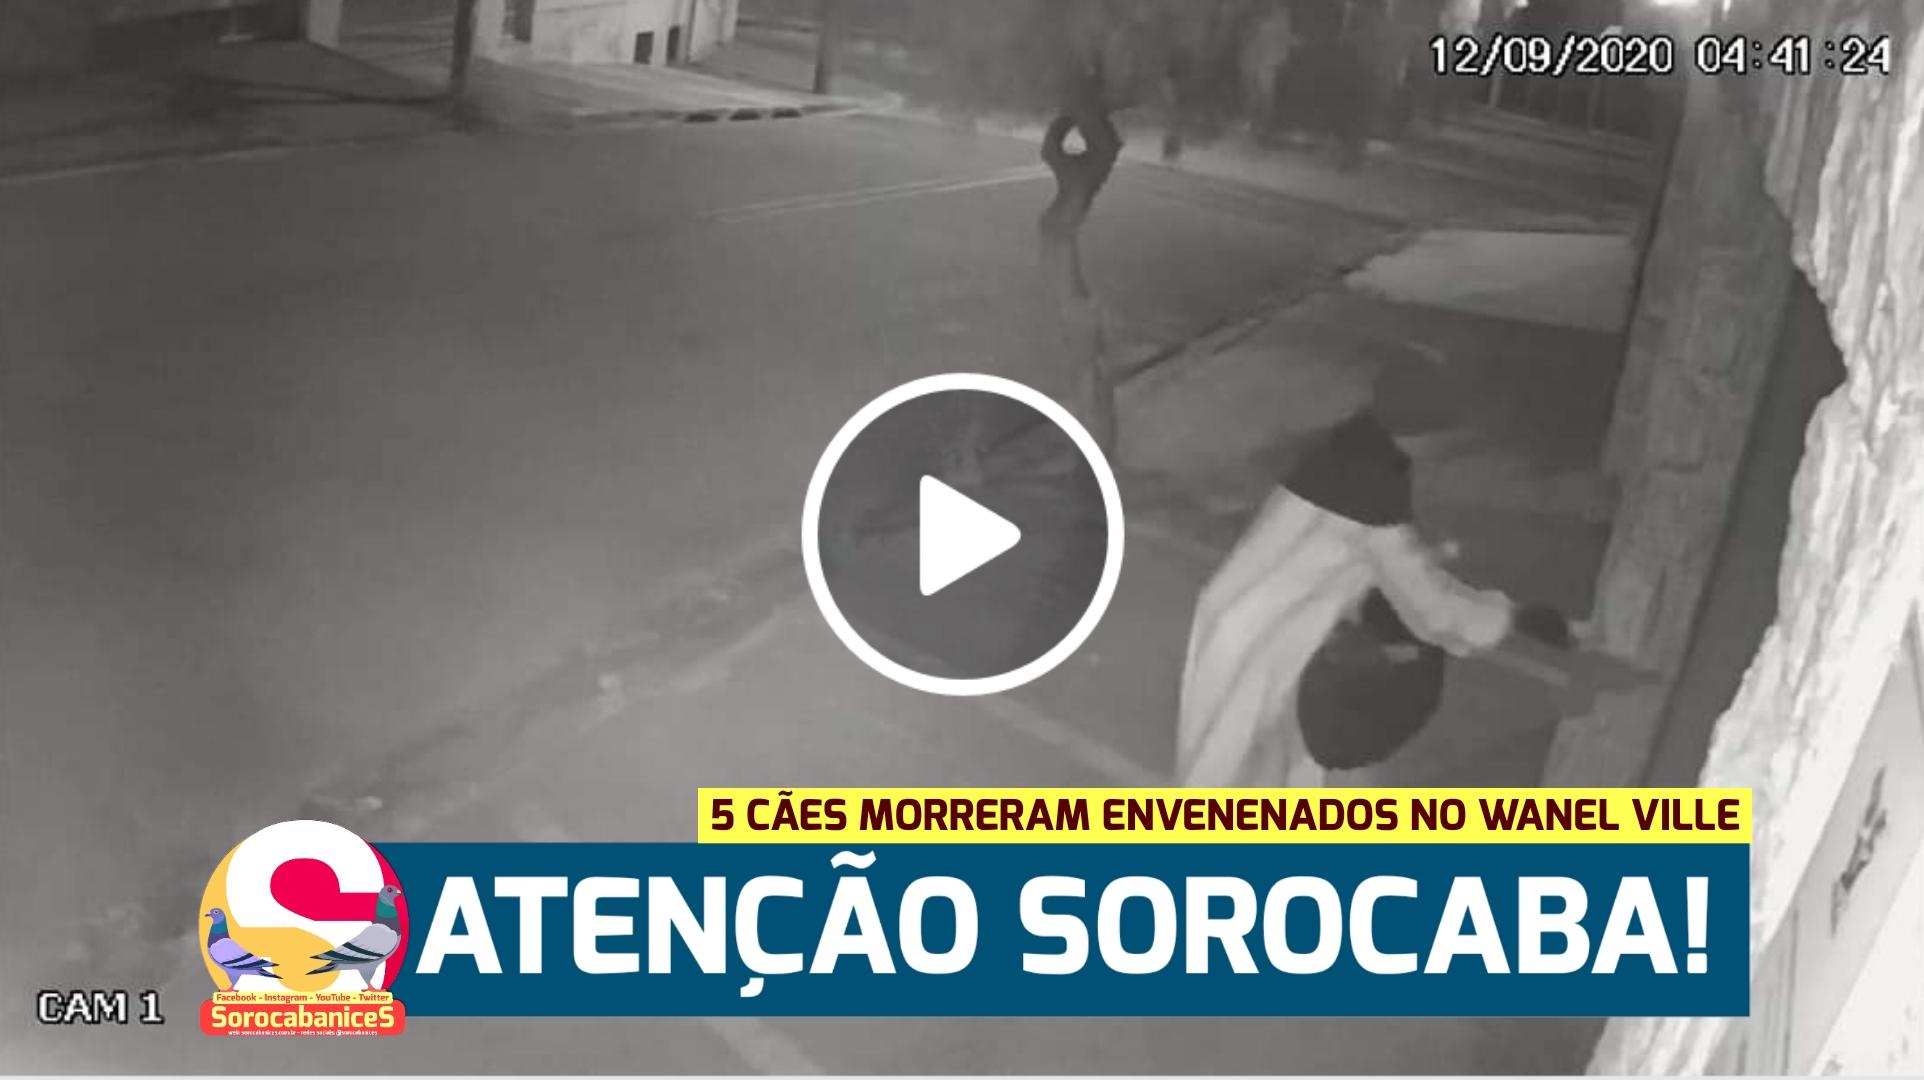 Vídeo mostra mulher suspeita dando comida com veneno para cães no Wanel Ville, em Sorocaba